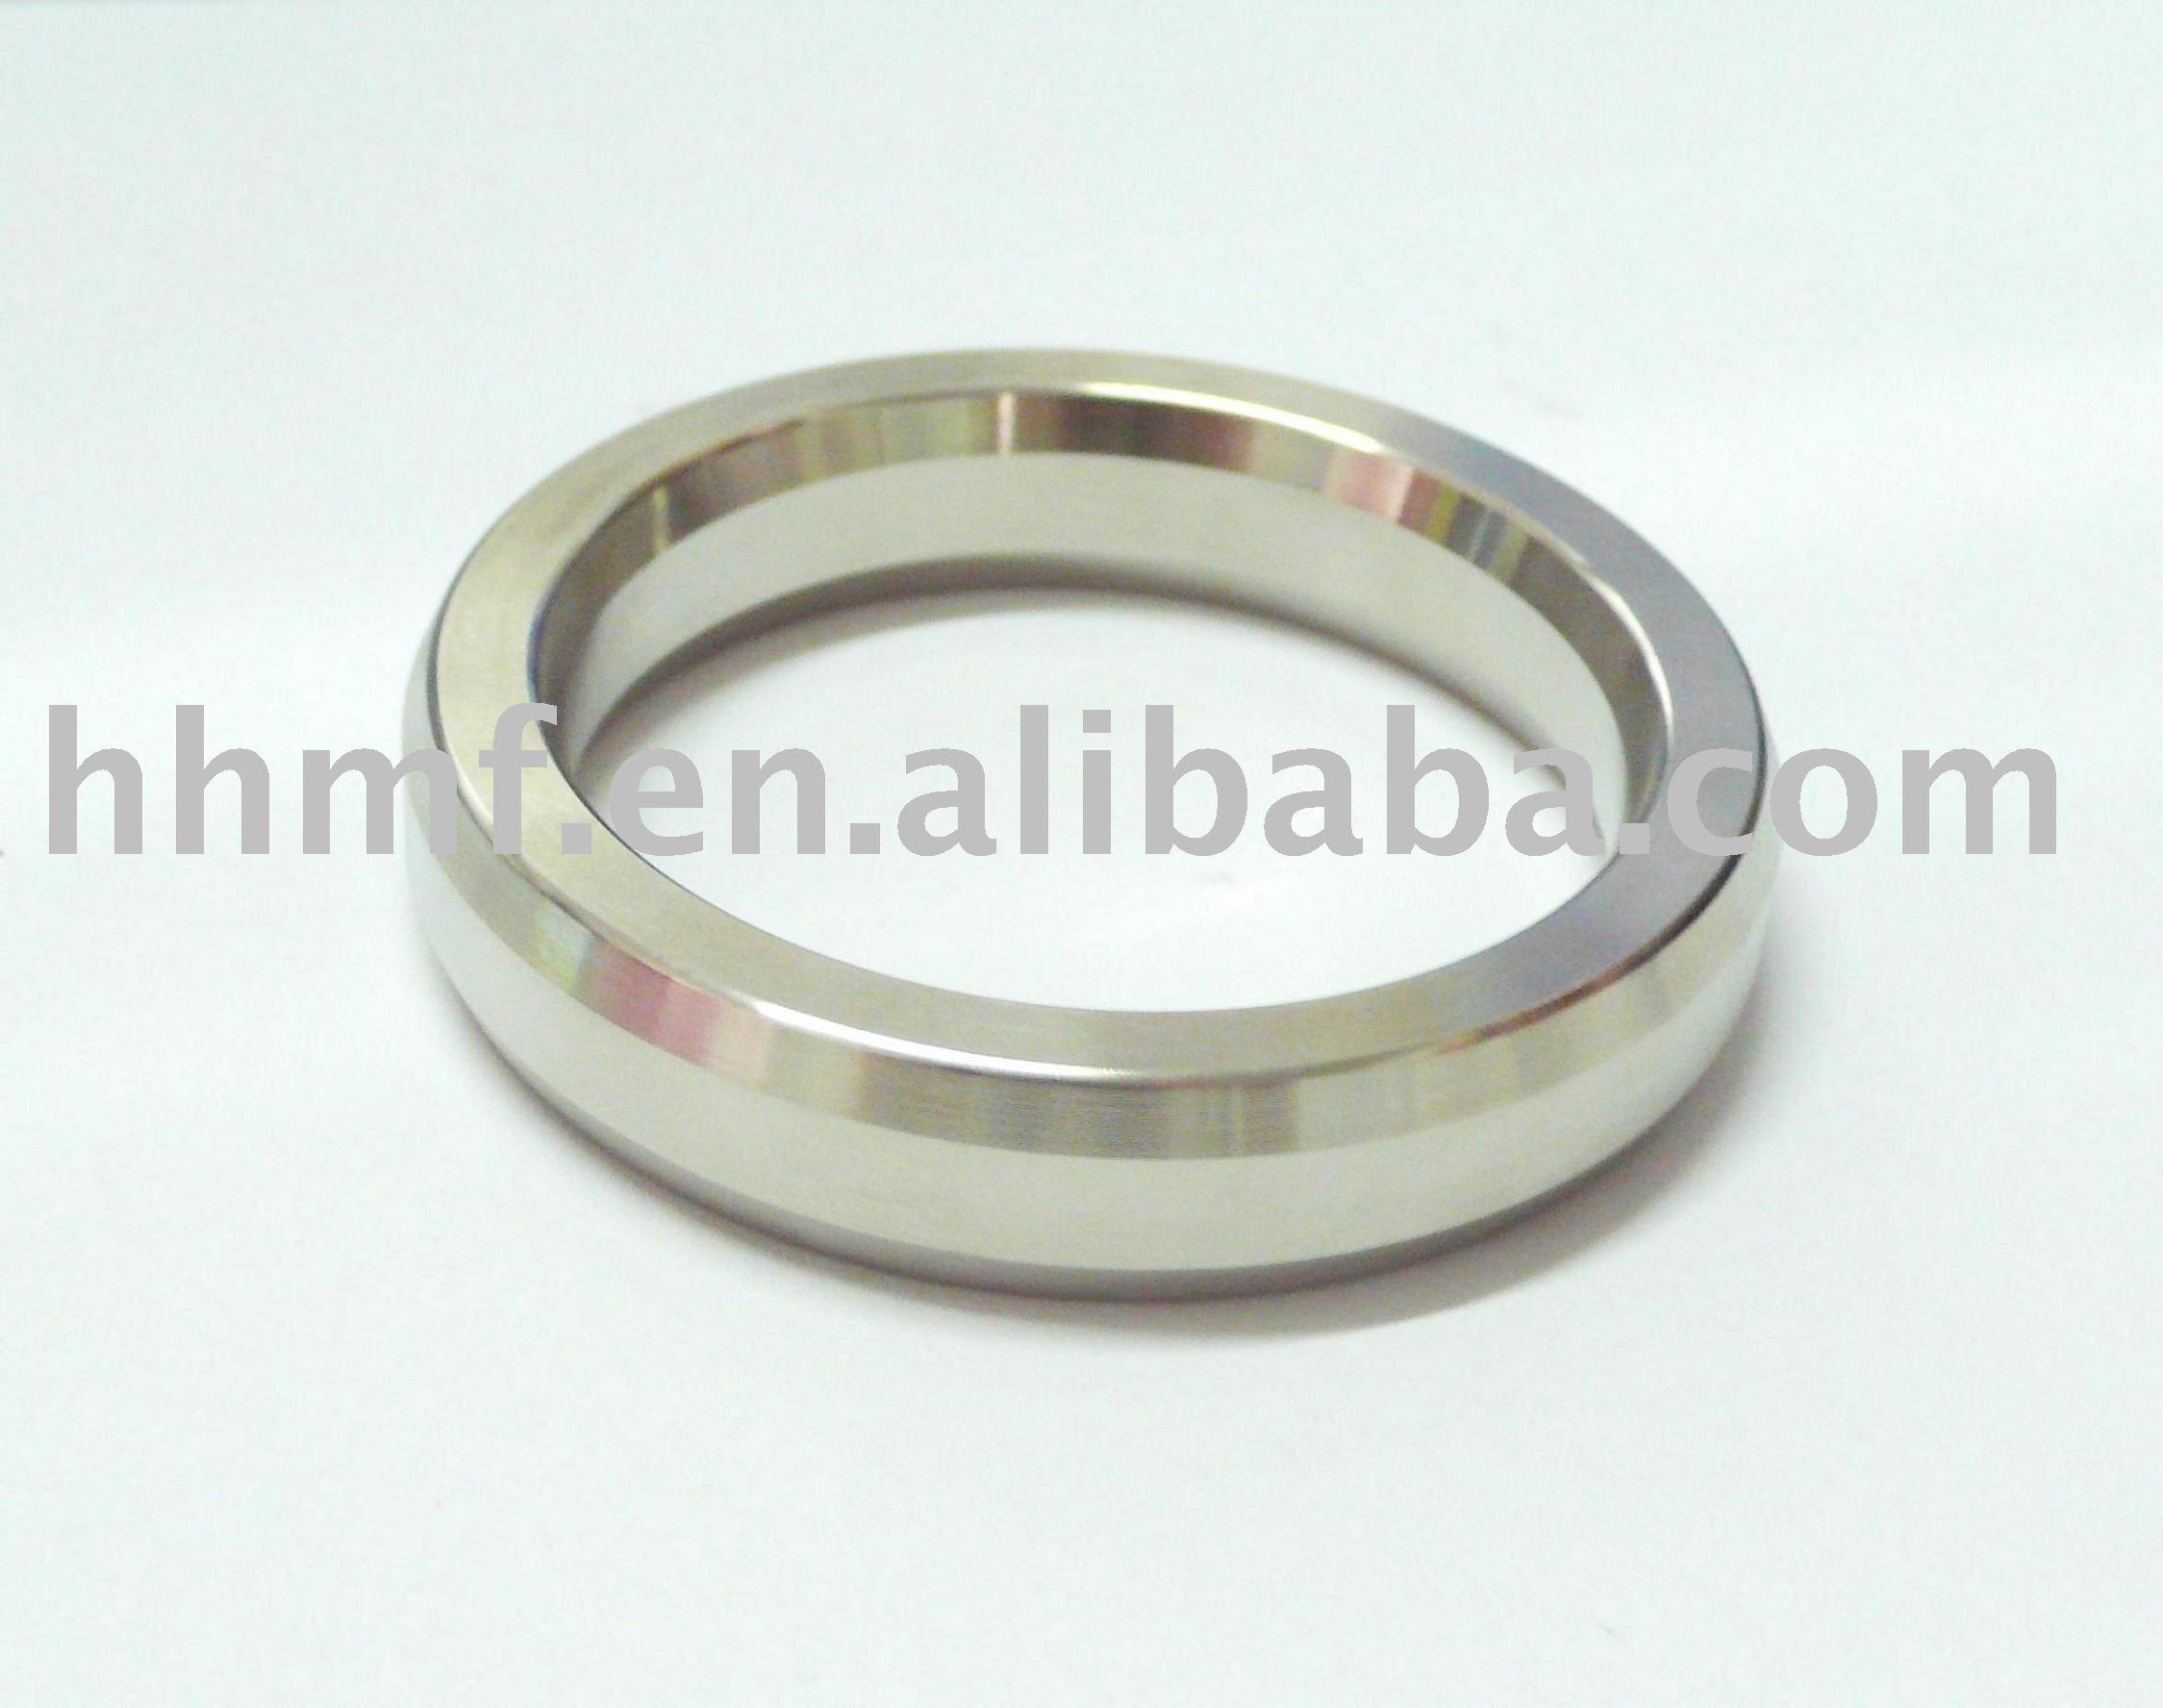 Octagonal Ring Gasket Asme B16.20 Octagonal Ring